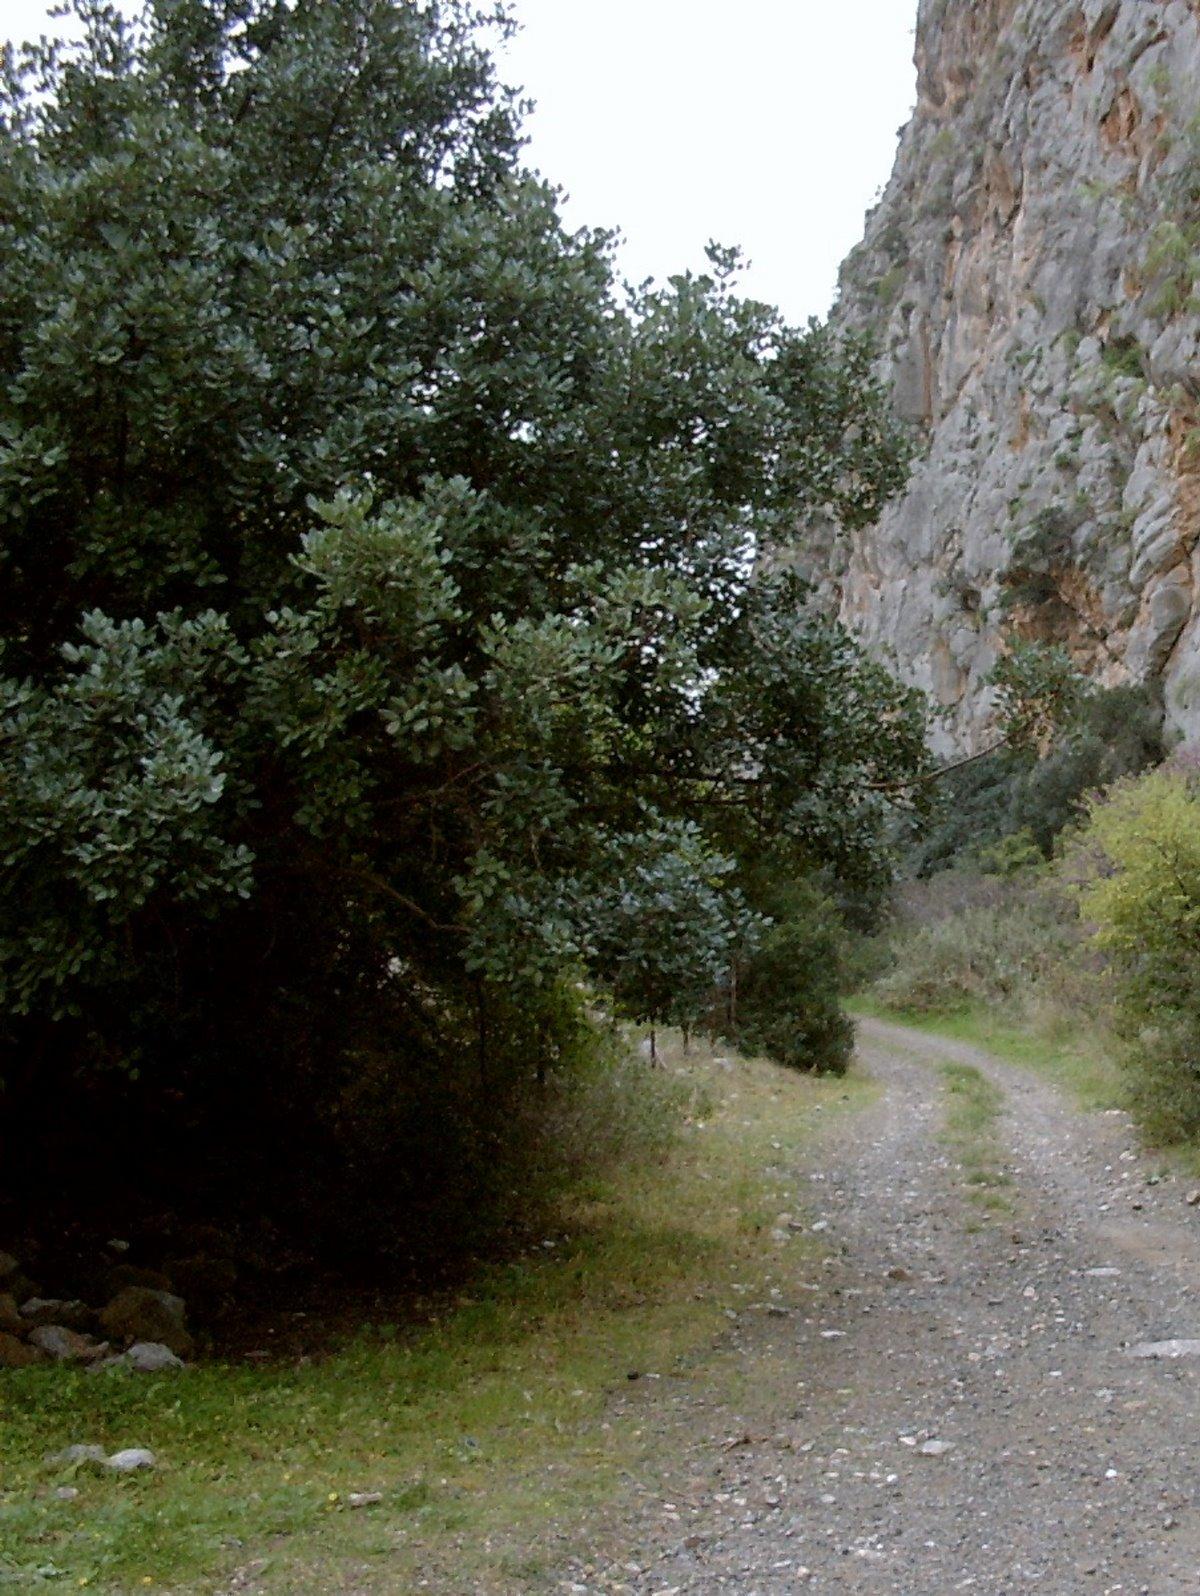 Μυστικές στάσεις Ναύπλιο Φαράγγι Καταφύκι Μονοπάτι Περσεφόνης